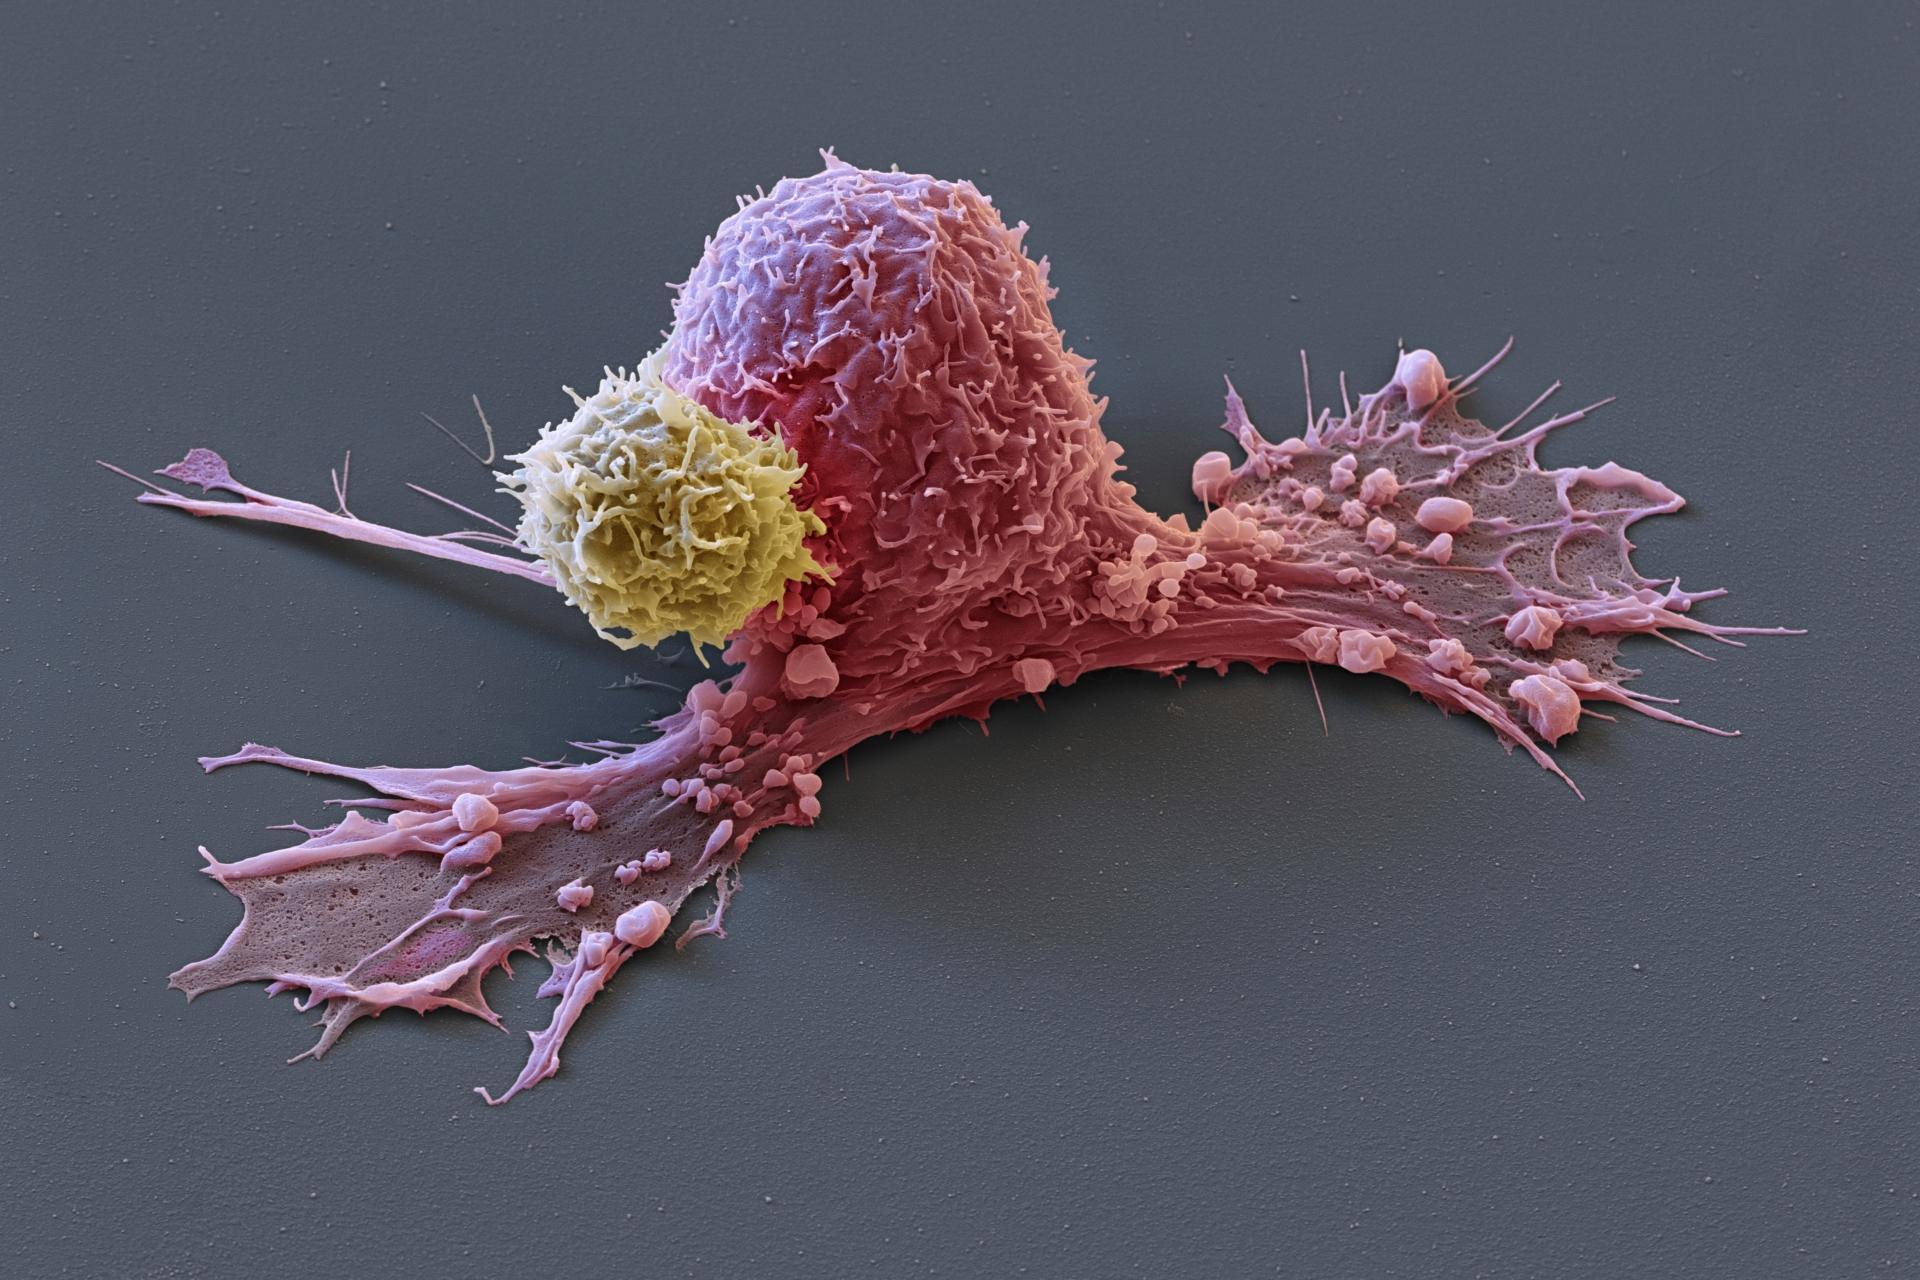 Виды рака: 28 самых встречаемых онкологических заболеваний — net-bolezniam.ru